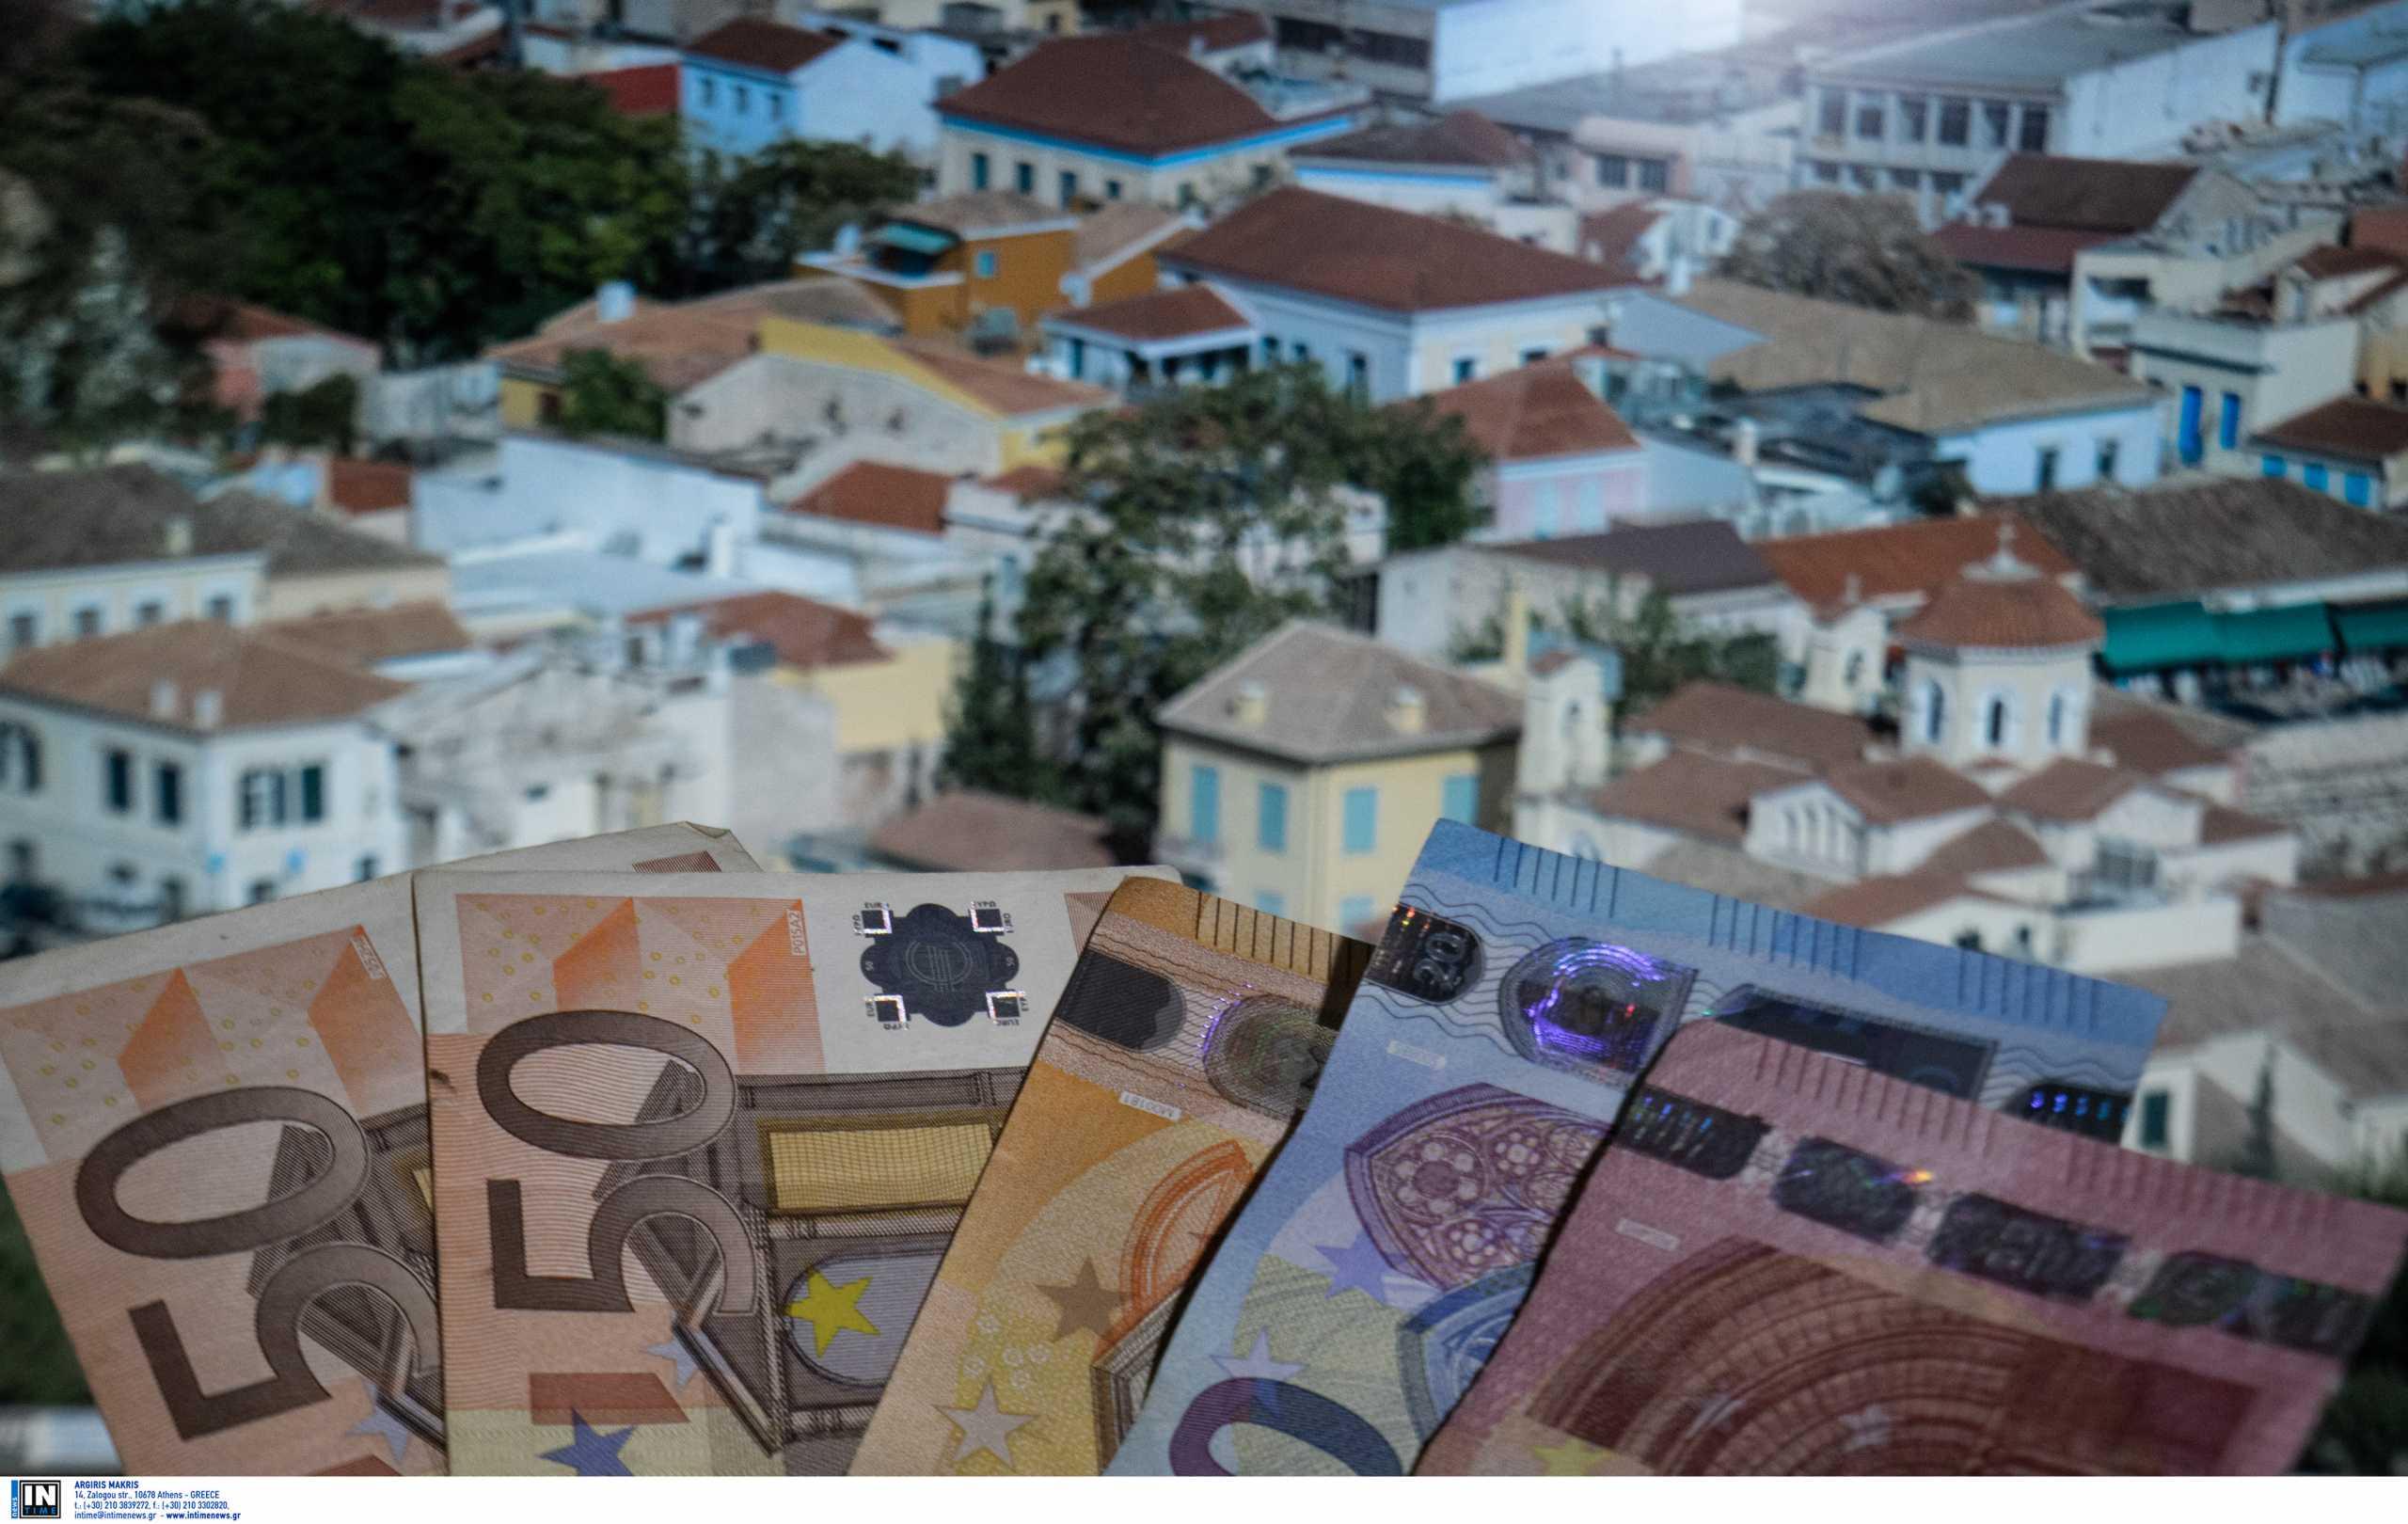 Μειωμένα ενοίκια: Σήμερα οι αποζημιώσεις των ιδιοκτητών για τον Ιανουάριο